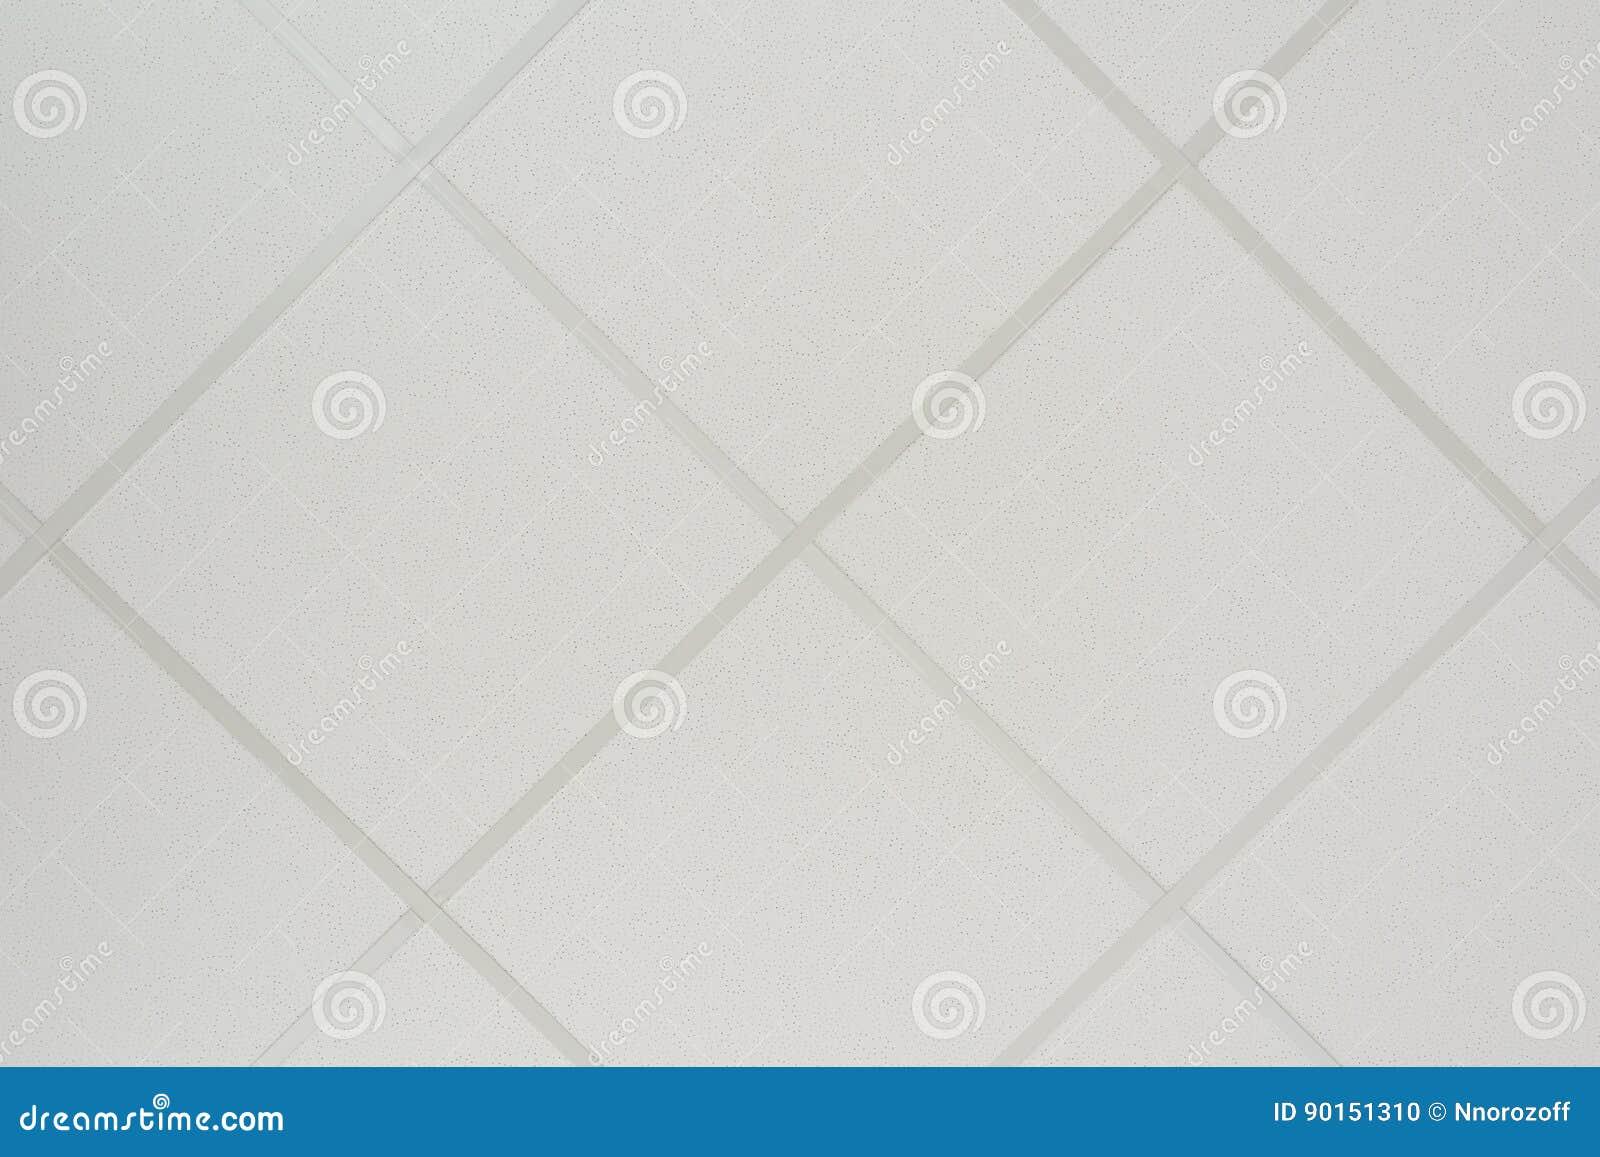 Die Beschaffenheit einer falschen Decke, die aus quadratischen Platten besteht und ein Richtungsprofil der diagonalen Anordnung